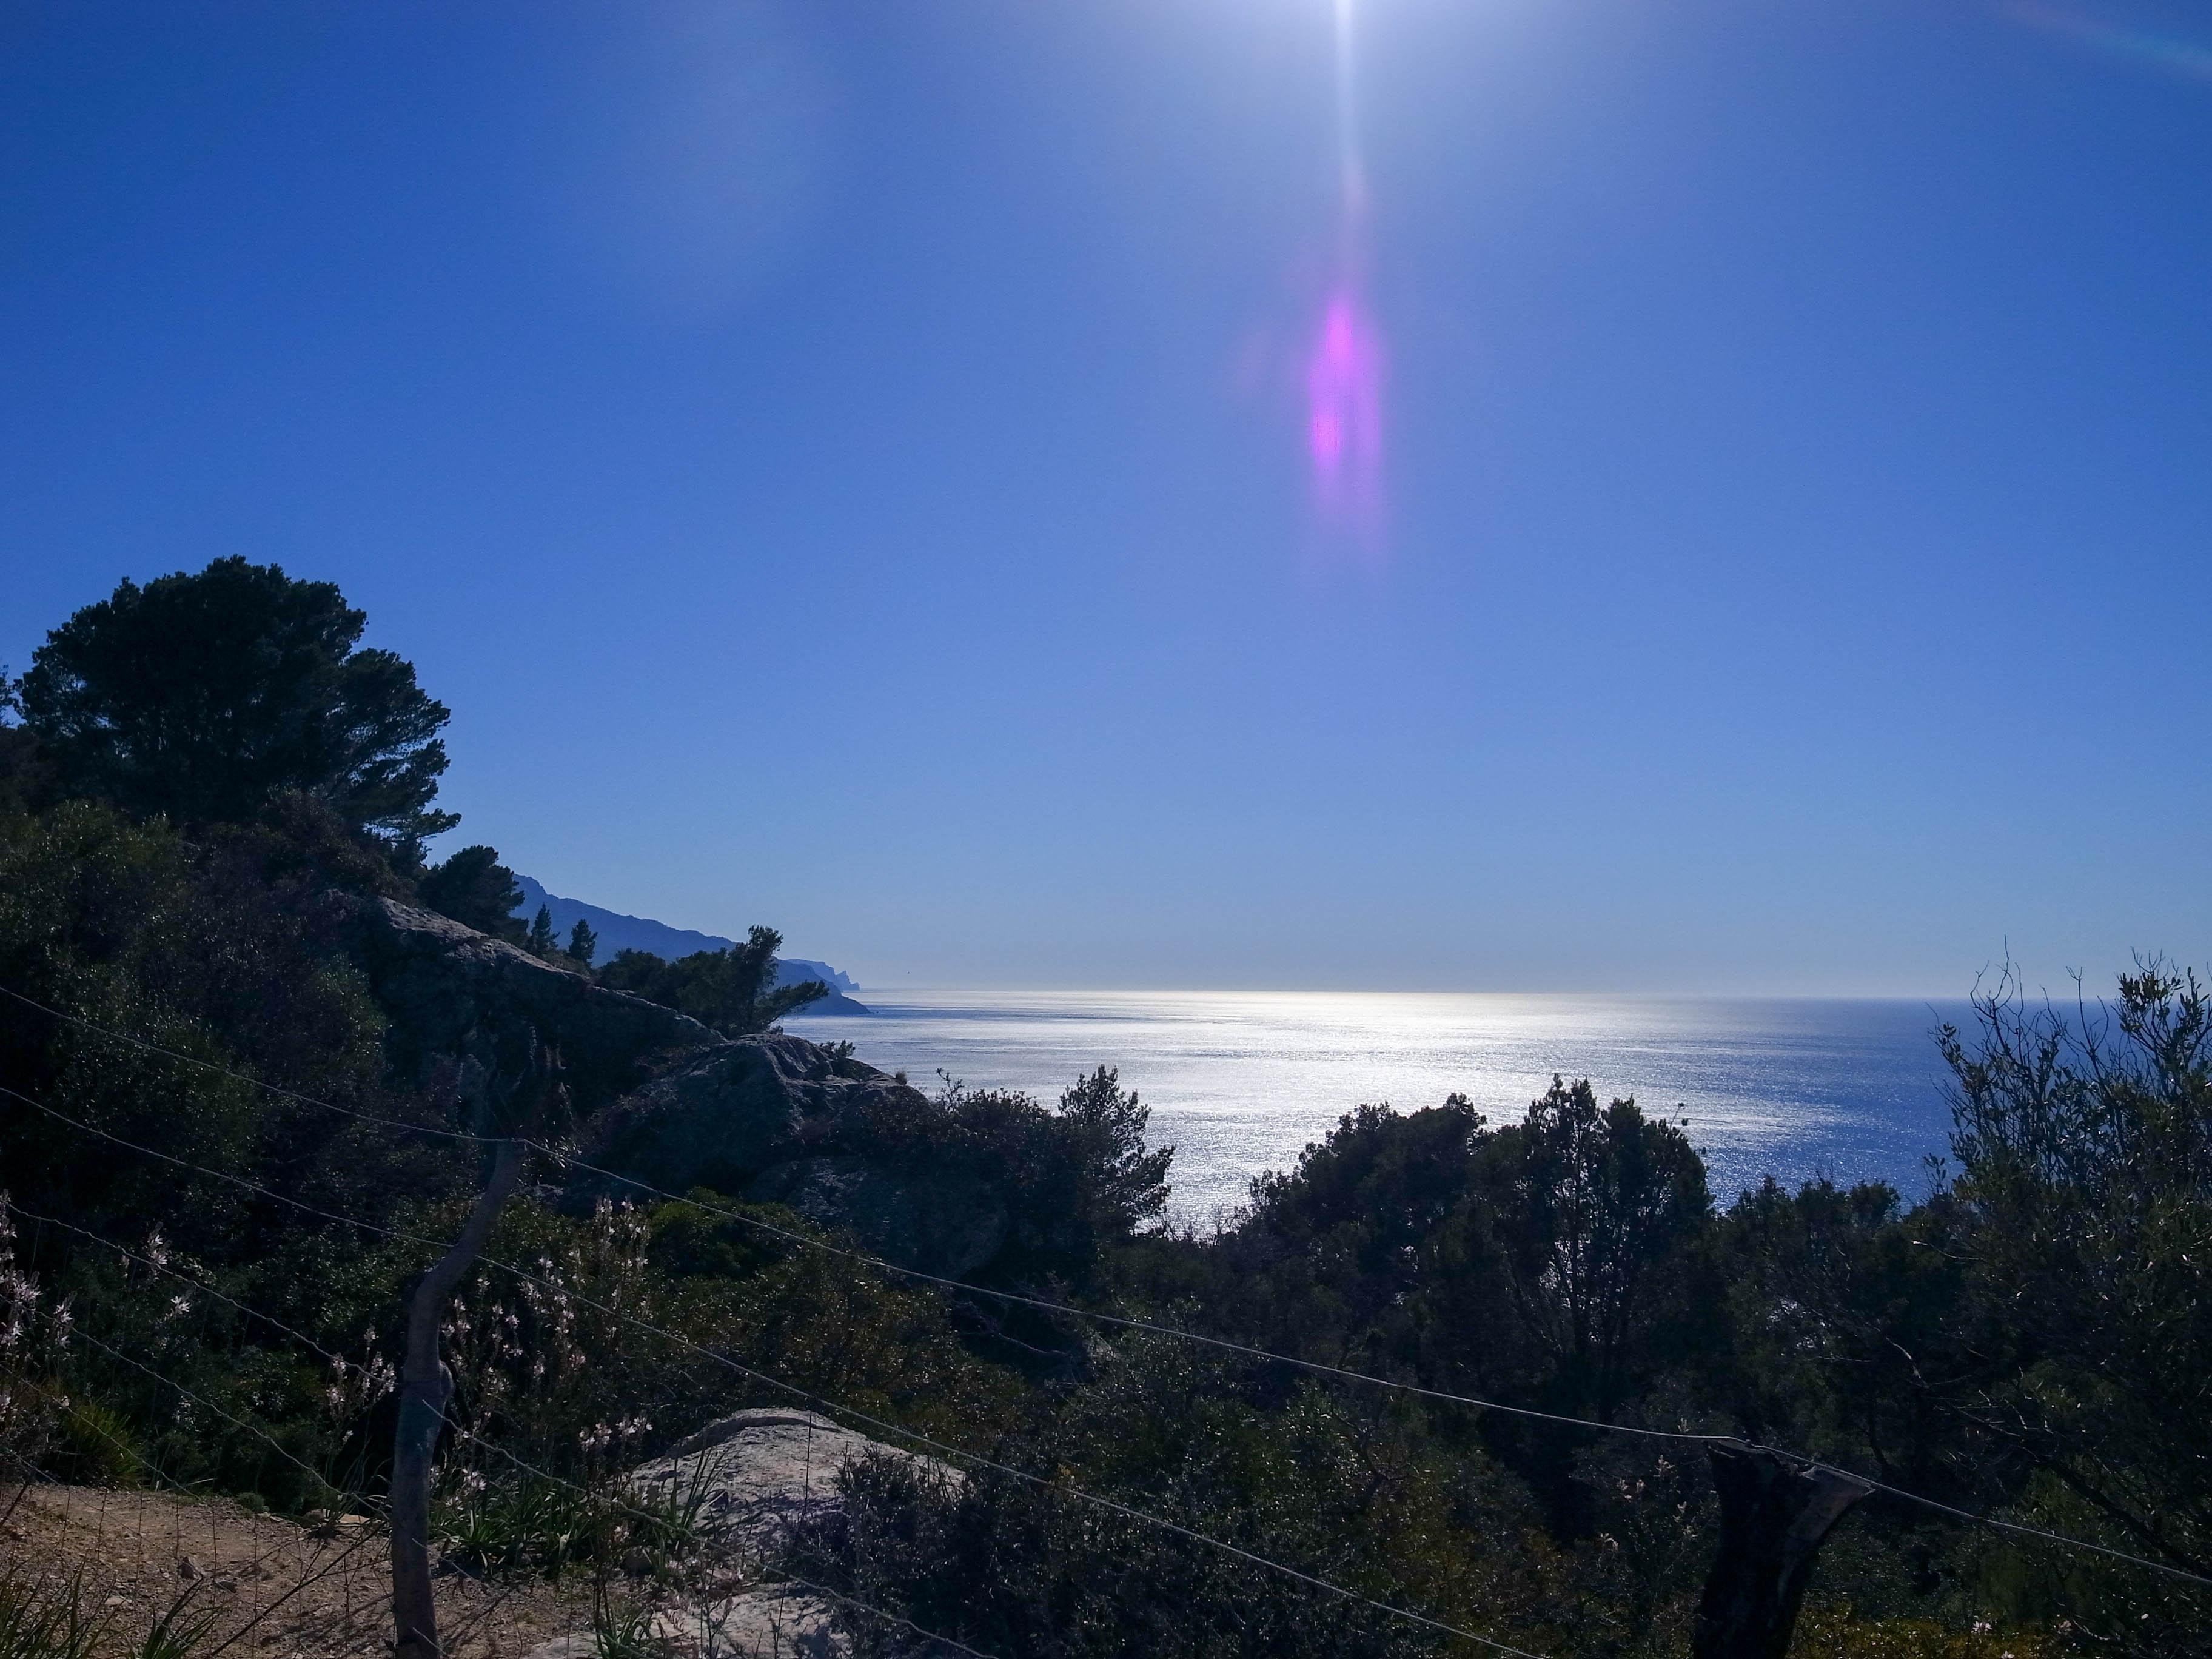 Canyon Ultimate Cf Slxと巡るMallorca(マヨルカ島) サイクリング記 その4(Soller,Deia,Valldemossa)